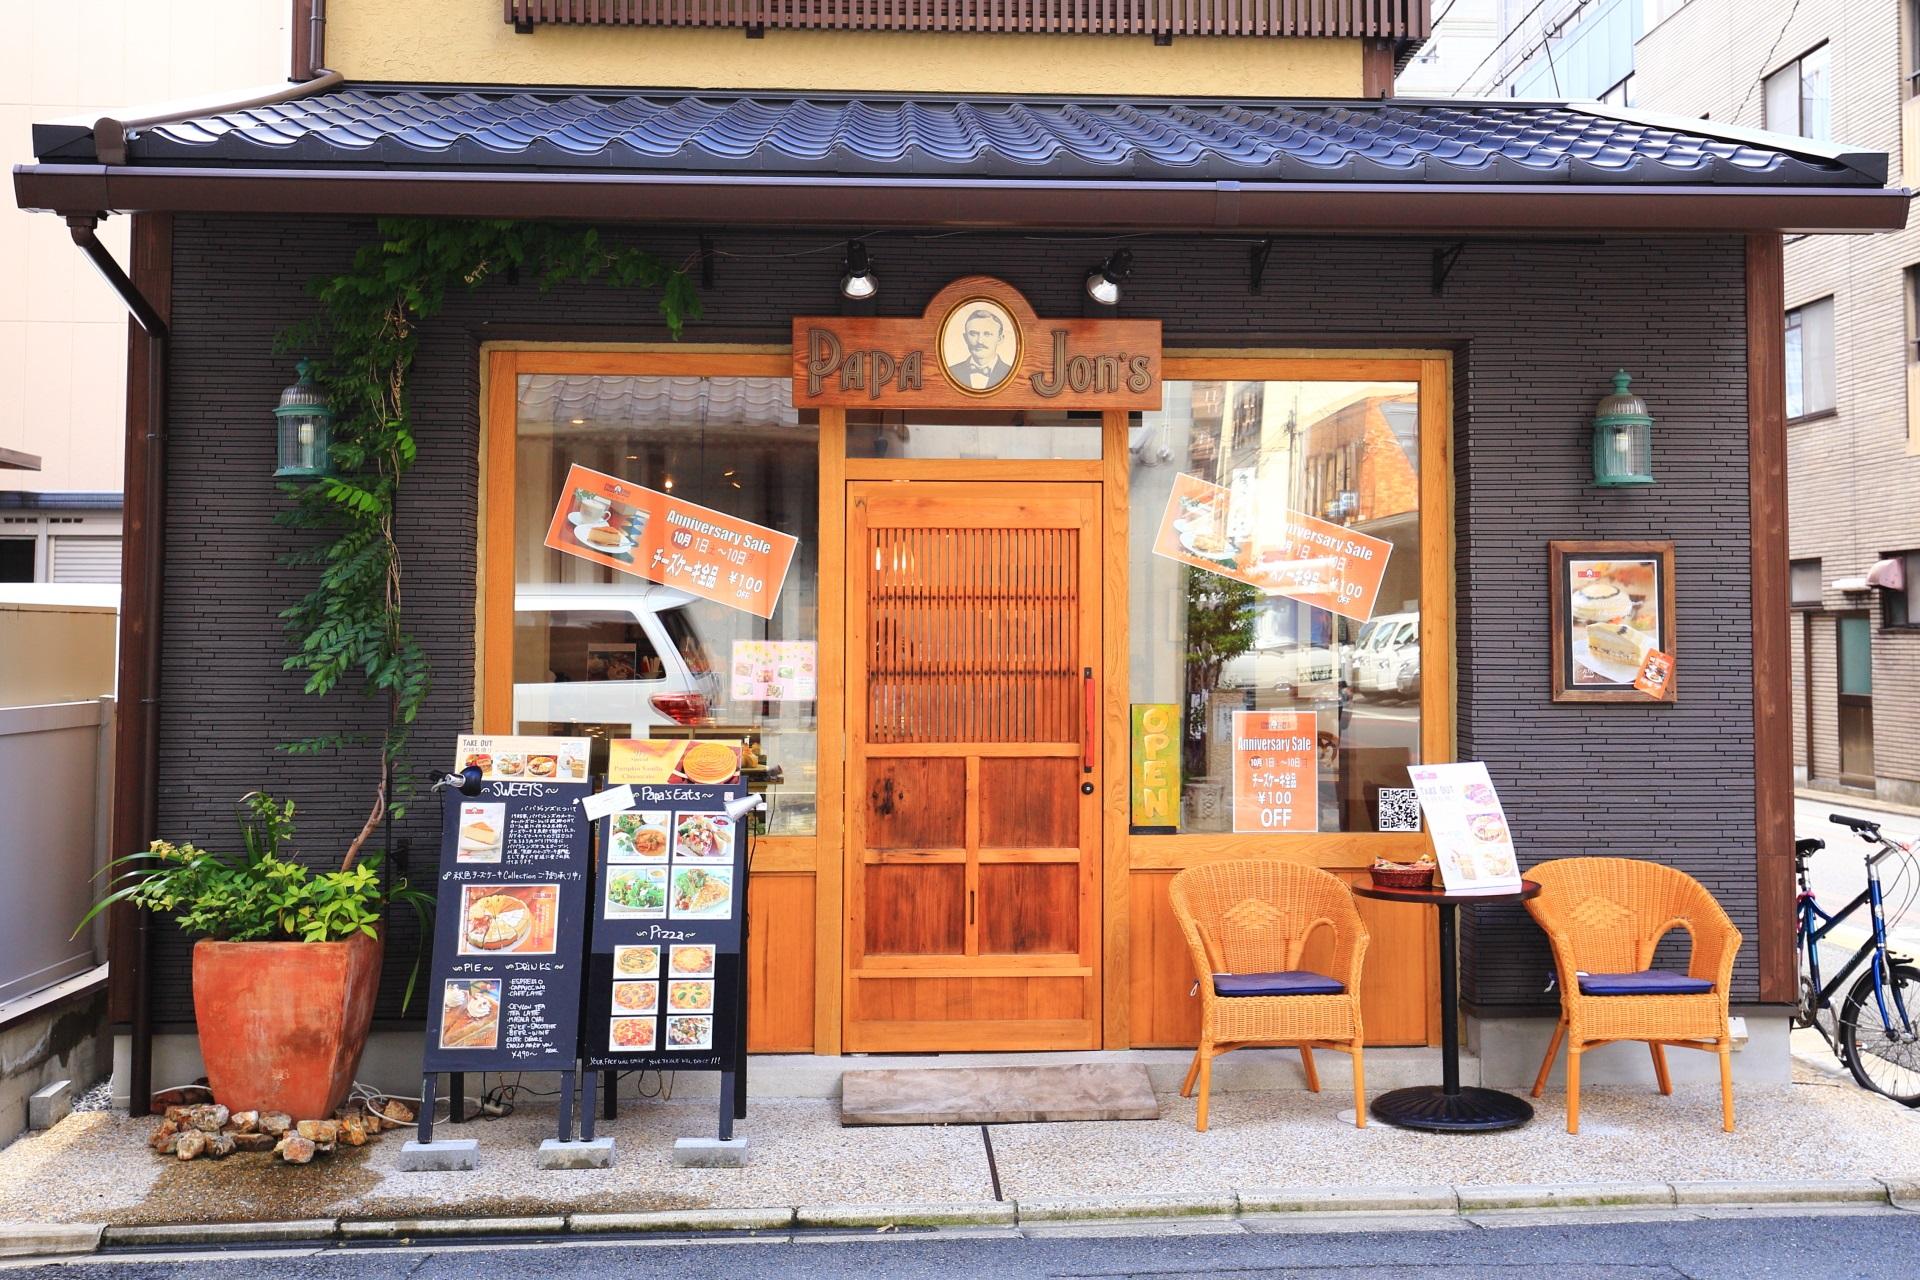 京都のチーズケーキ専門店のパパジョンズ六角店